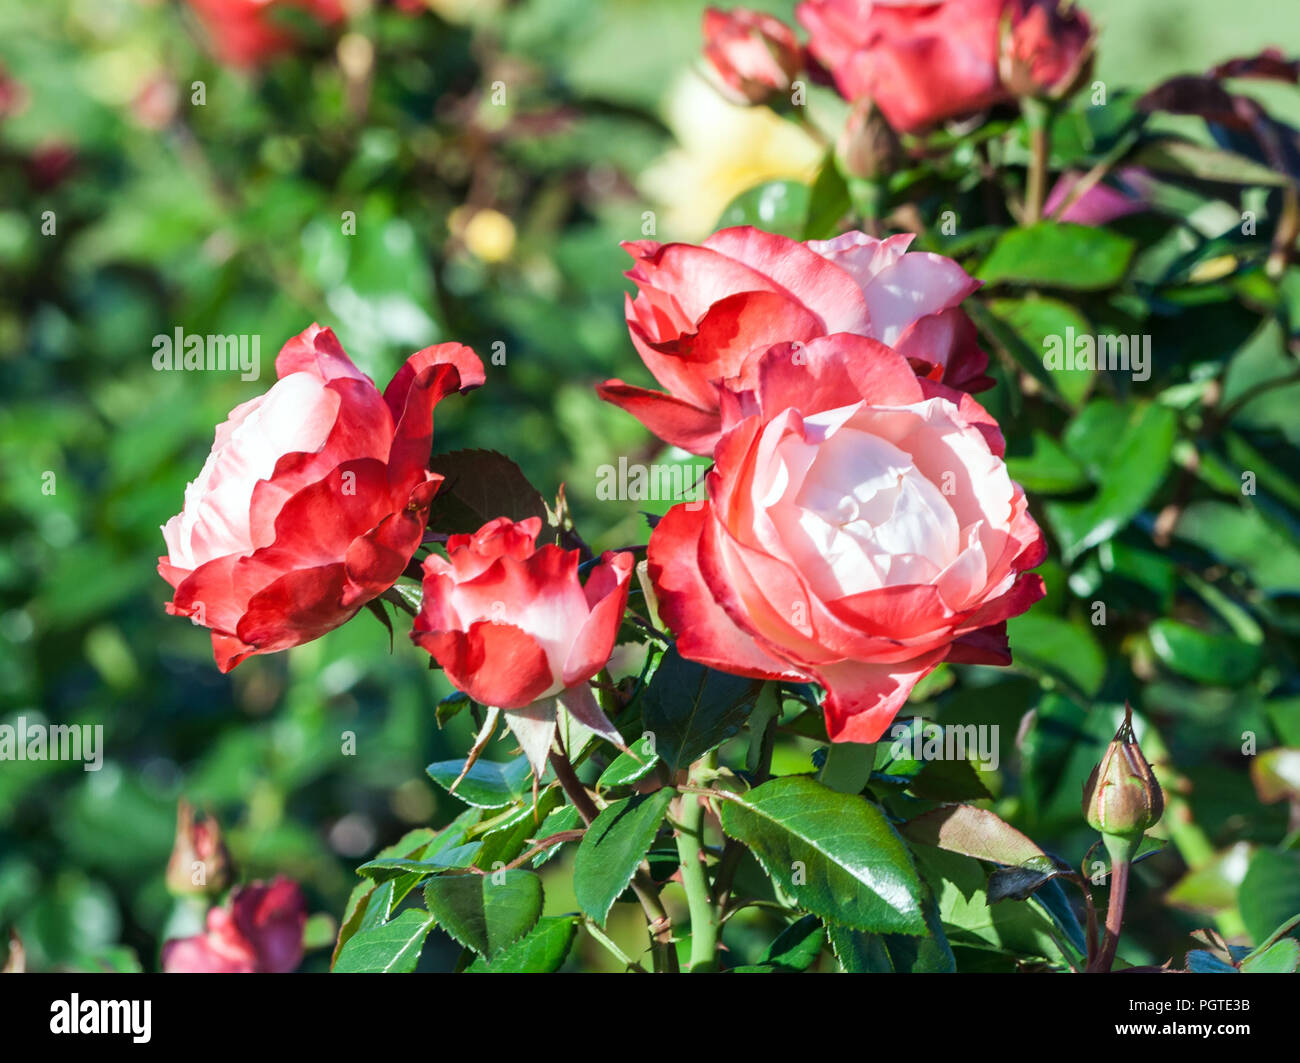 Rose Nostalgie ein Haufen zarte weiße und rote Blumen, einen roten Rahmen an den Spitzen der Blütenblätter, die Pflanze wächst im Garten, Tageslicht, Sommertag, Stockbild